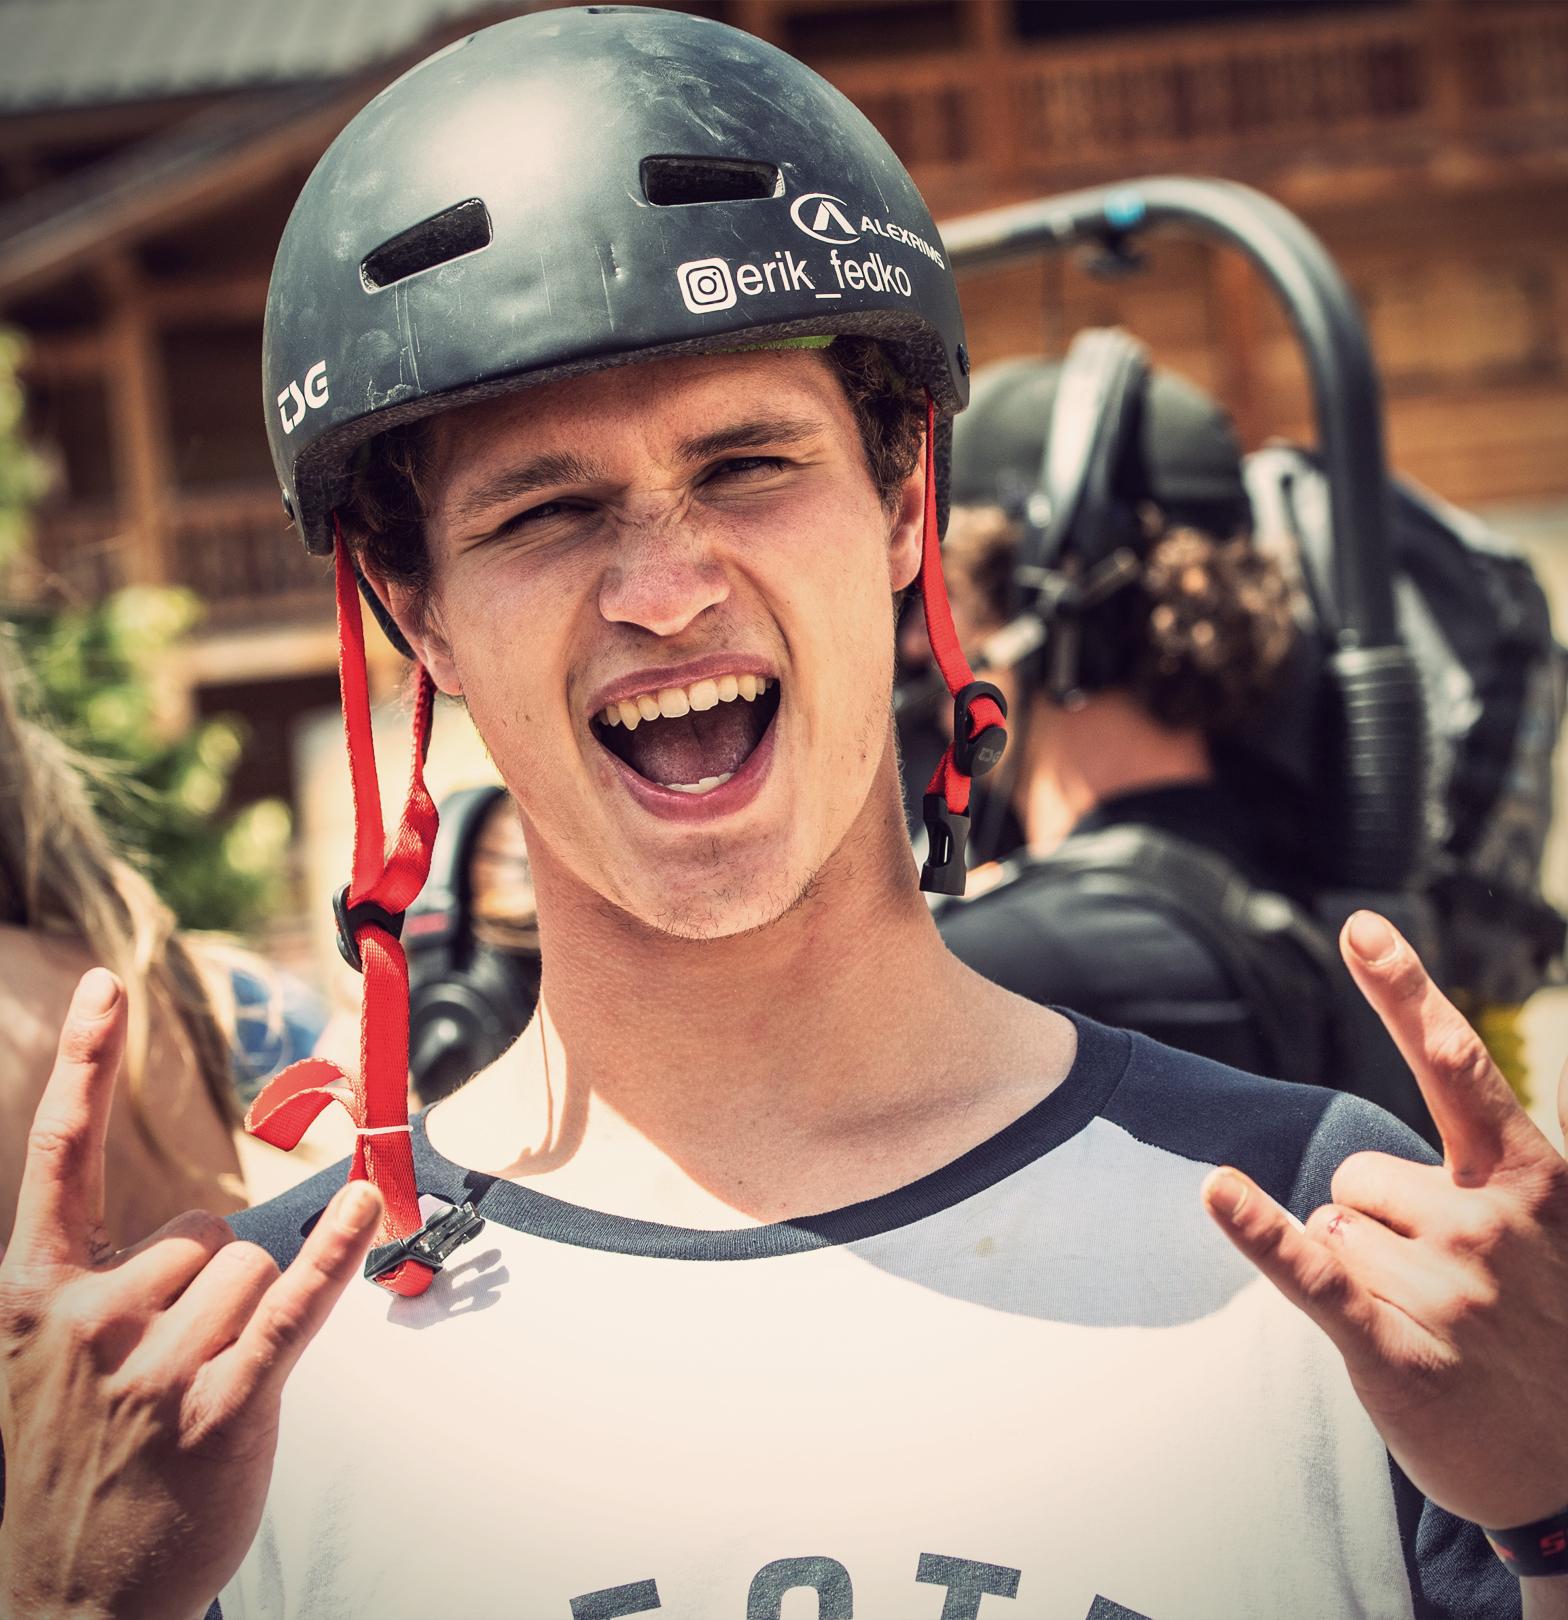 Erik Fedko Crankworx Les Gets 2018 Slopestyle